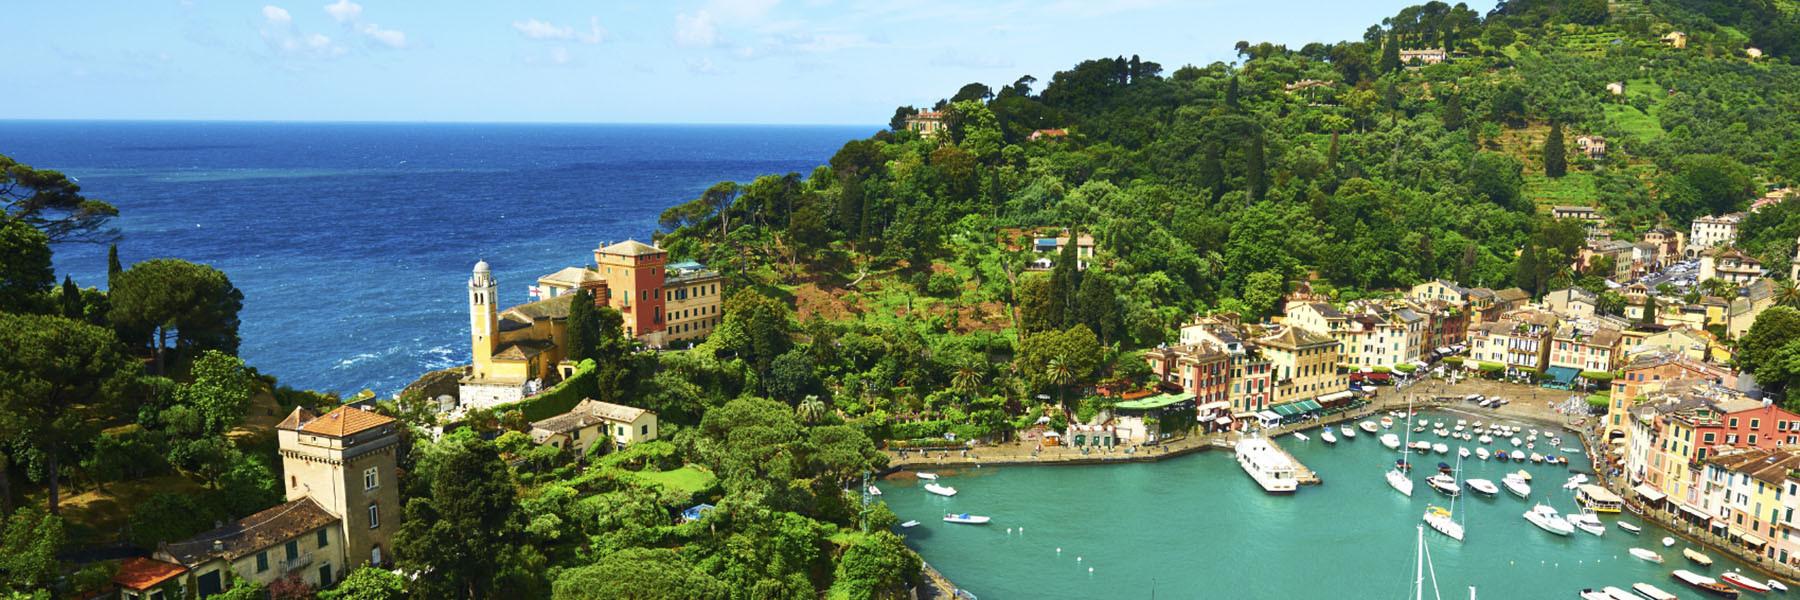 Auf einen Aperitif nach Portofino - Golf & Gourmet an der toskanischen Riviera